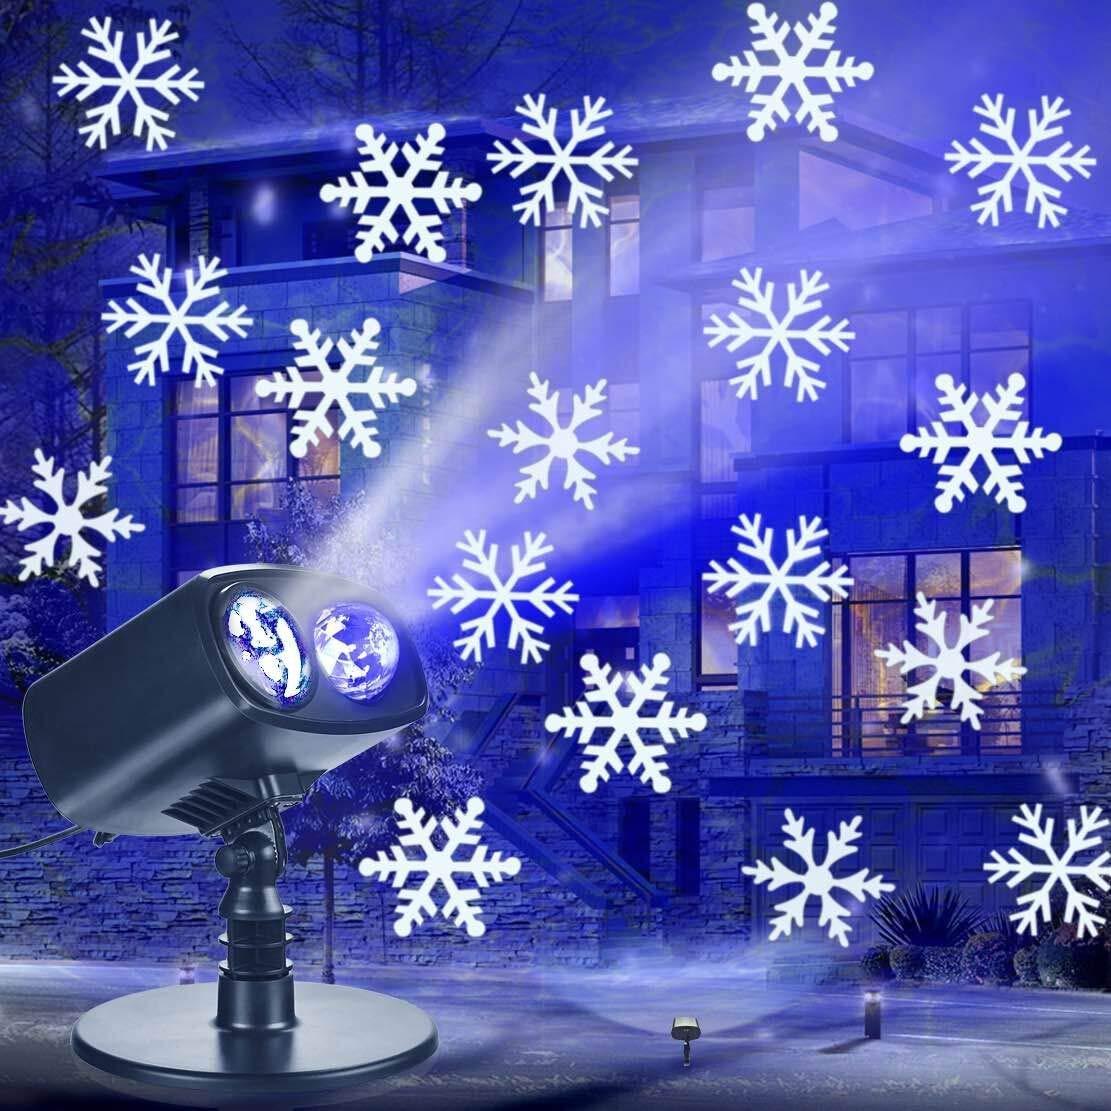 LED Schneeflocken Projektor, Schneefall Licht Lichteffekt Projektionslampe IP65 Wasserdicht Schneeflocke für Außen und Innen Deko, Partys, Weinachten, Feiertage, Halloween Yinuo Candle